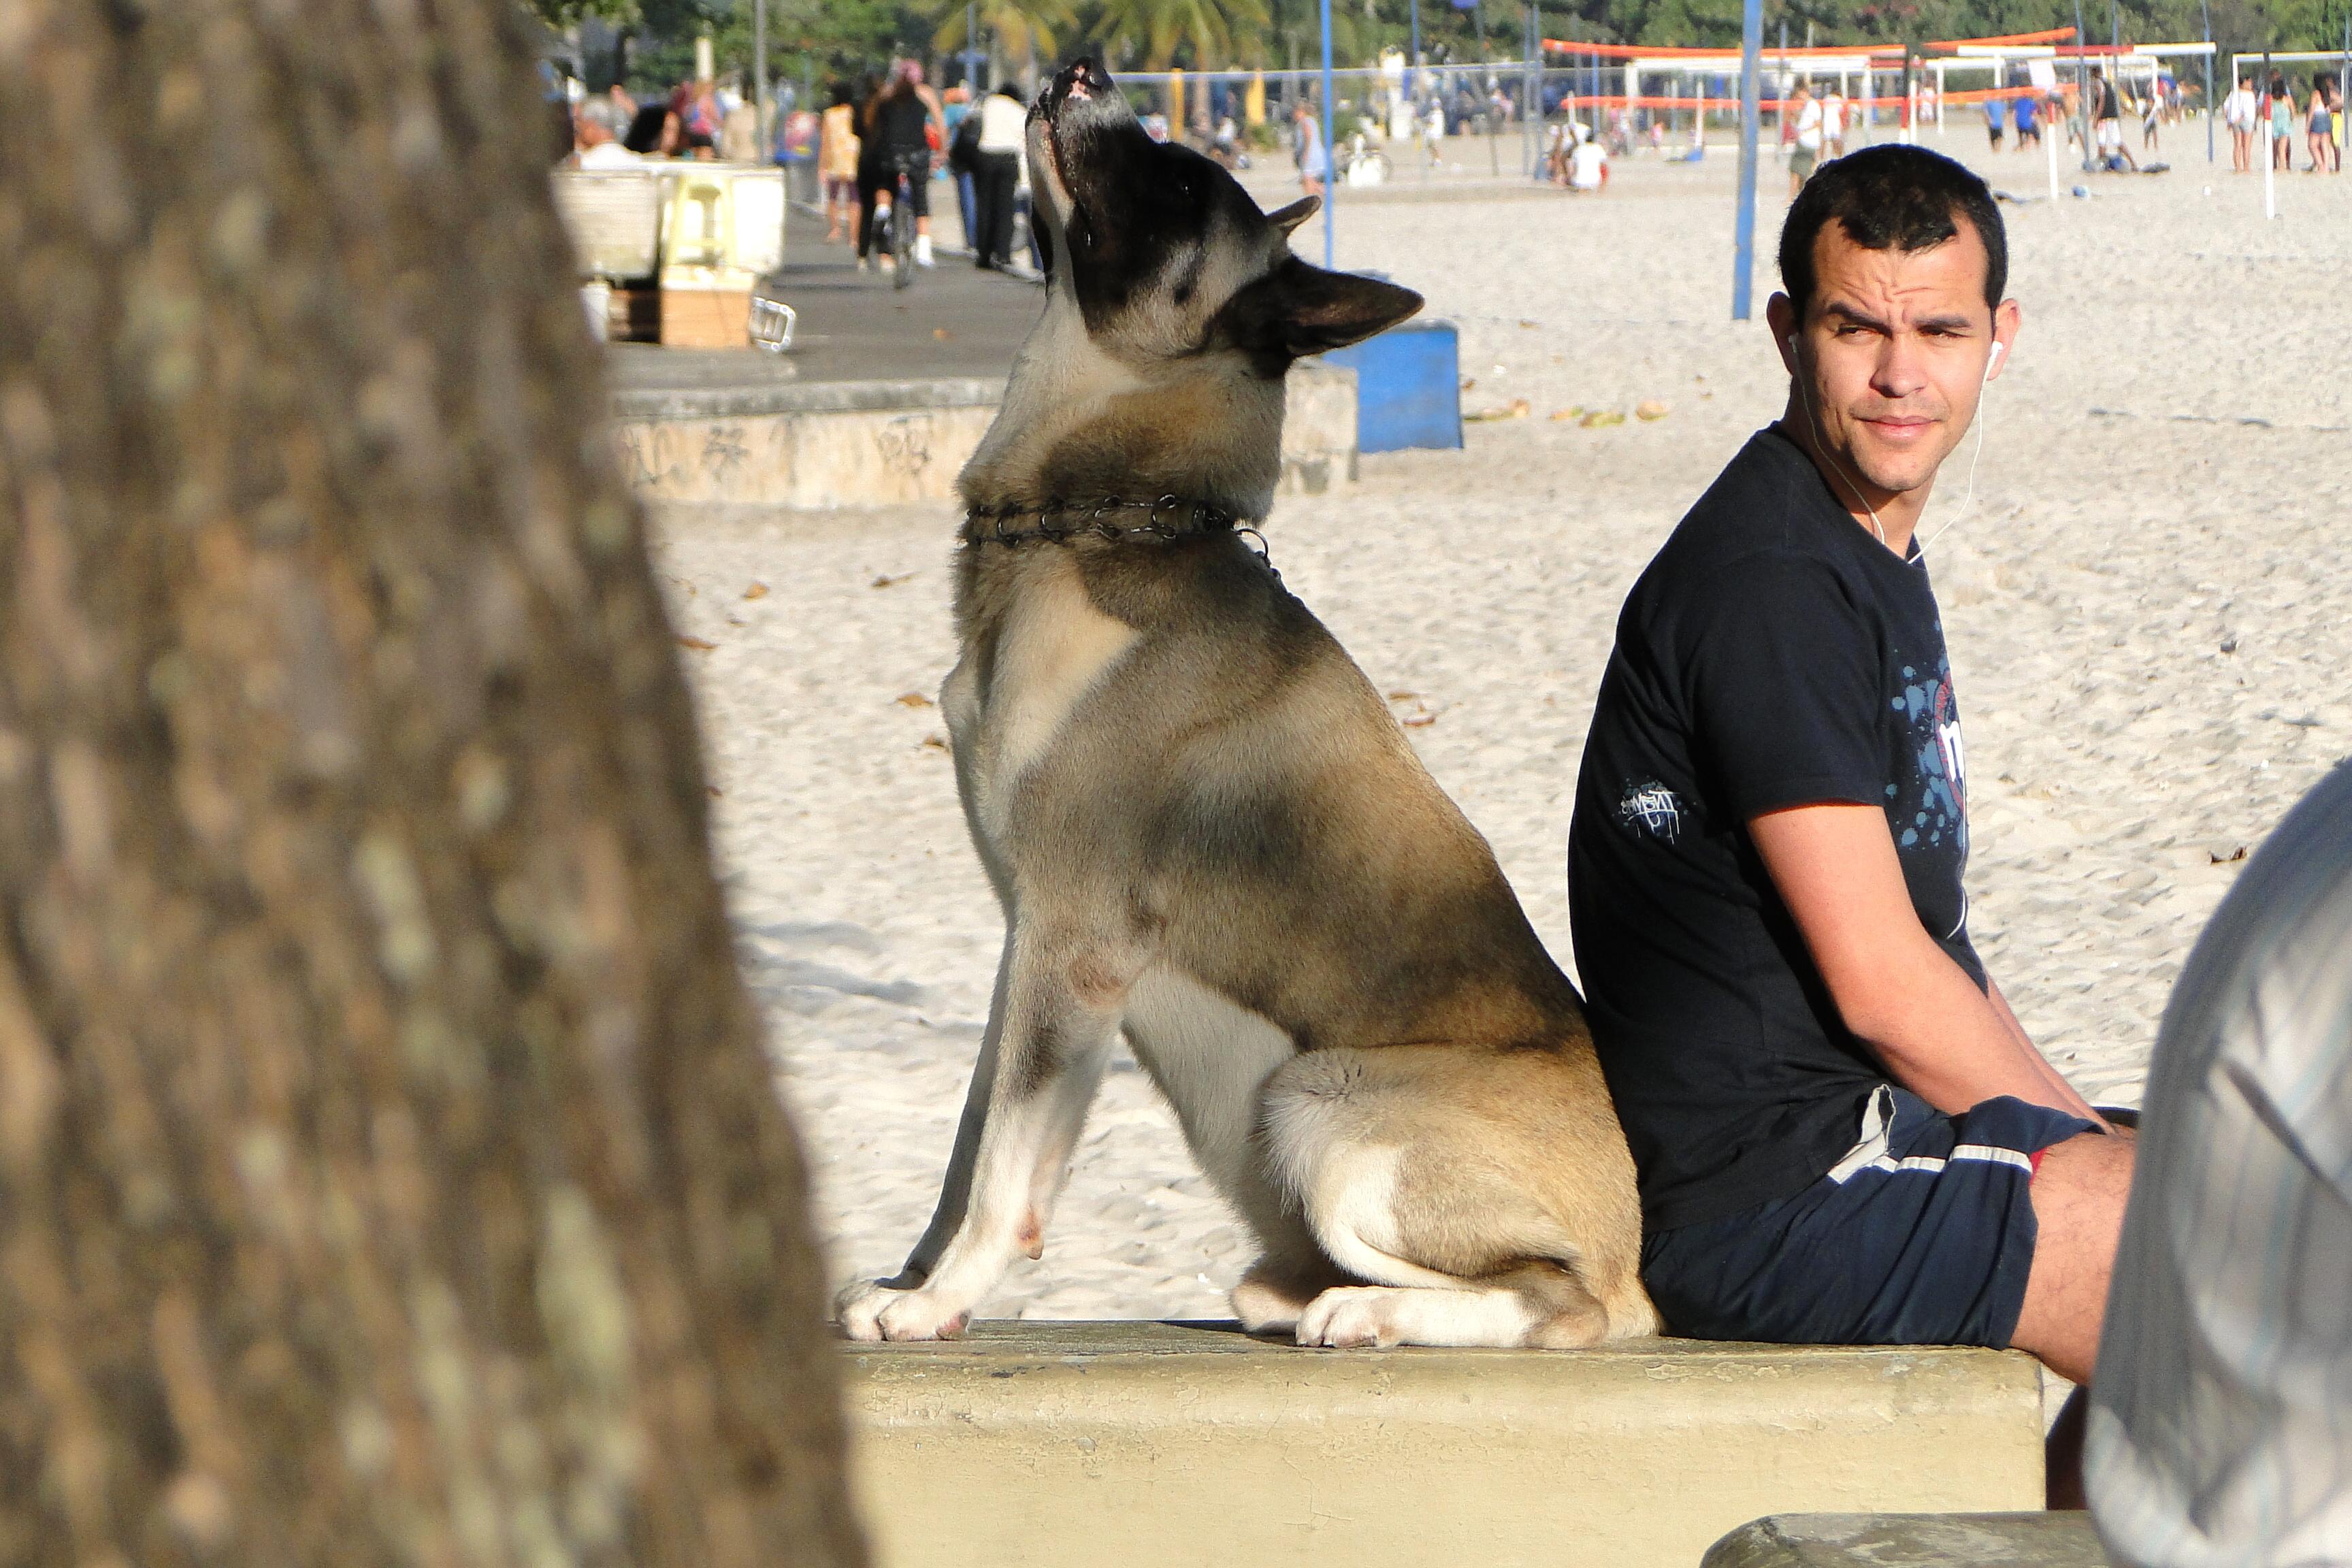 Description man and dog - beach at niteroi - rio de janeiro - brazil